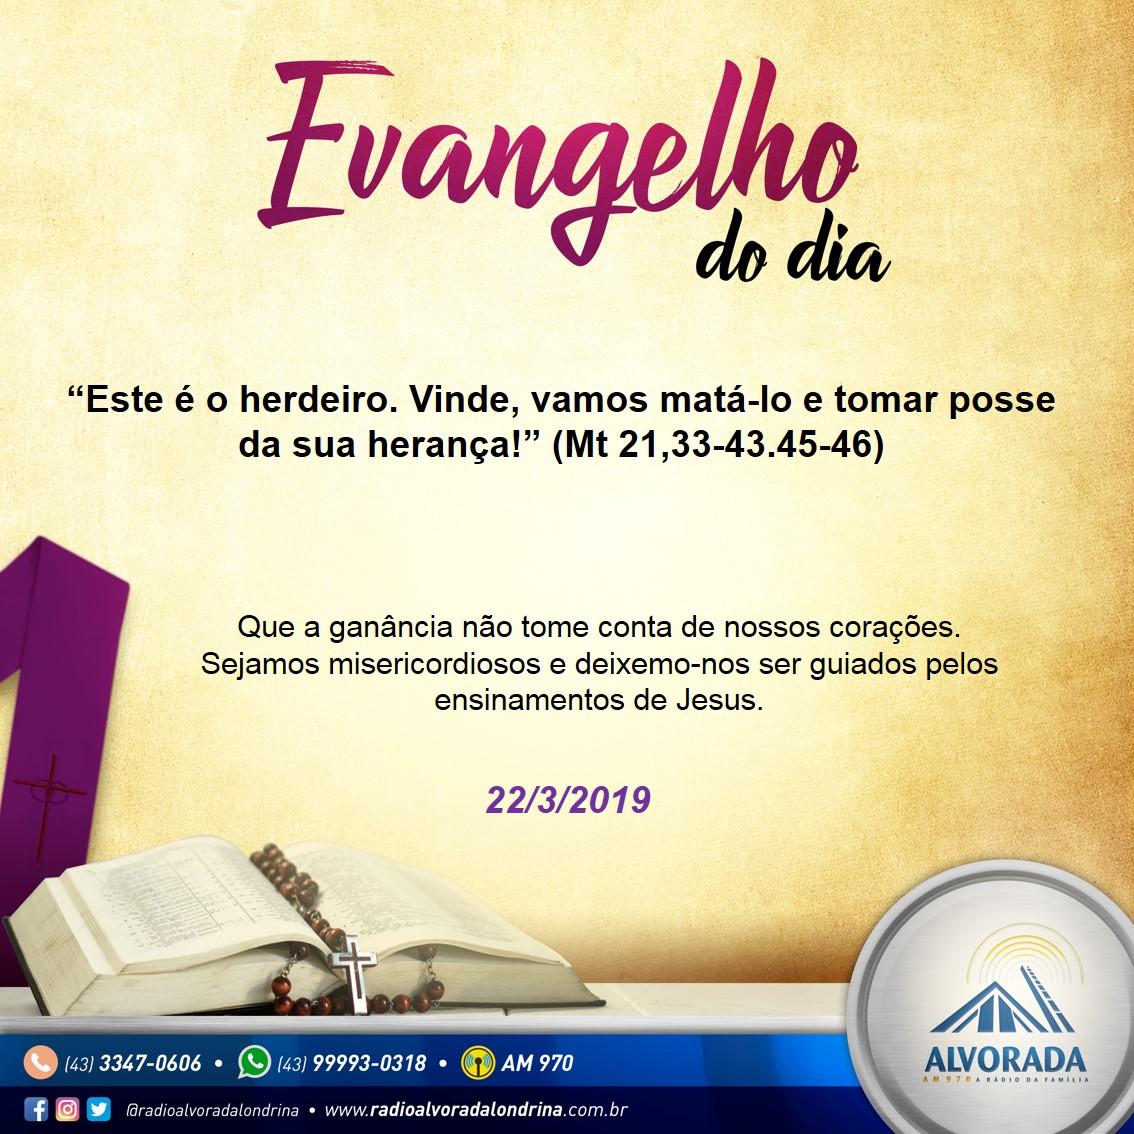 radio_alvorada_post_evangelho_do_dia_quaresma_ROXO 220318